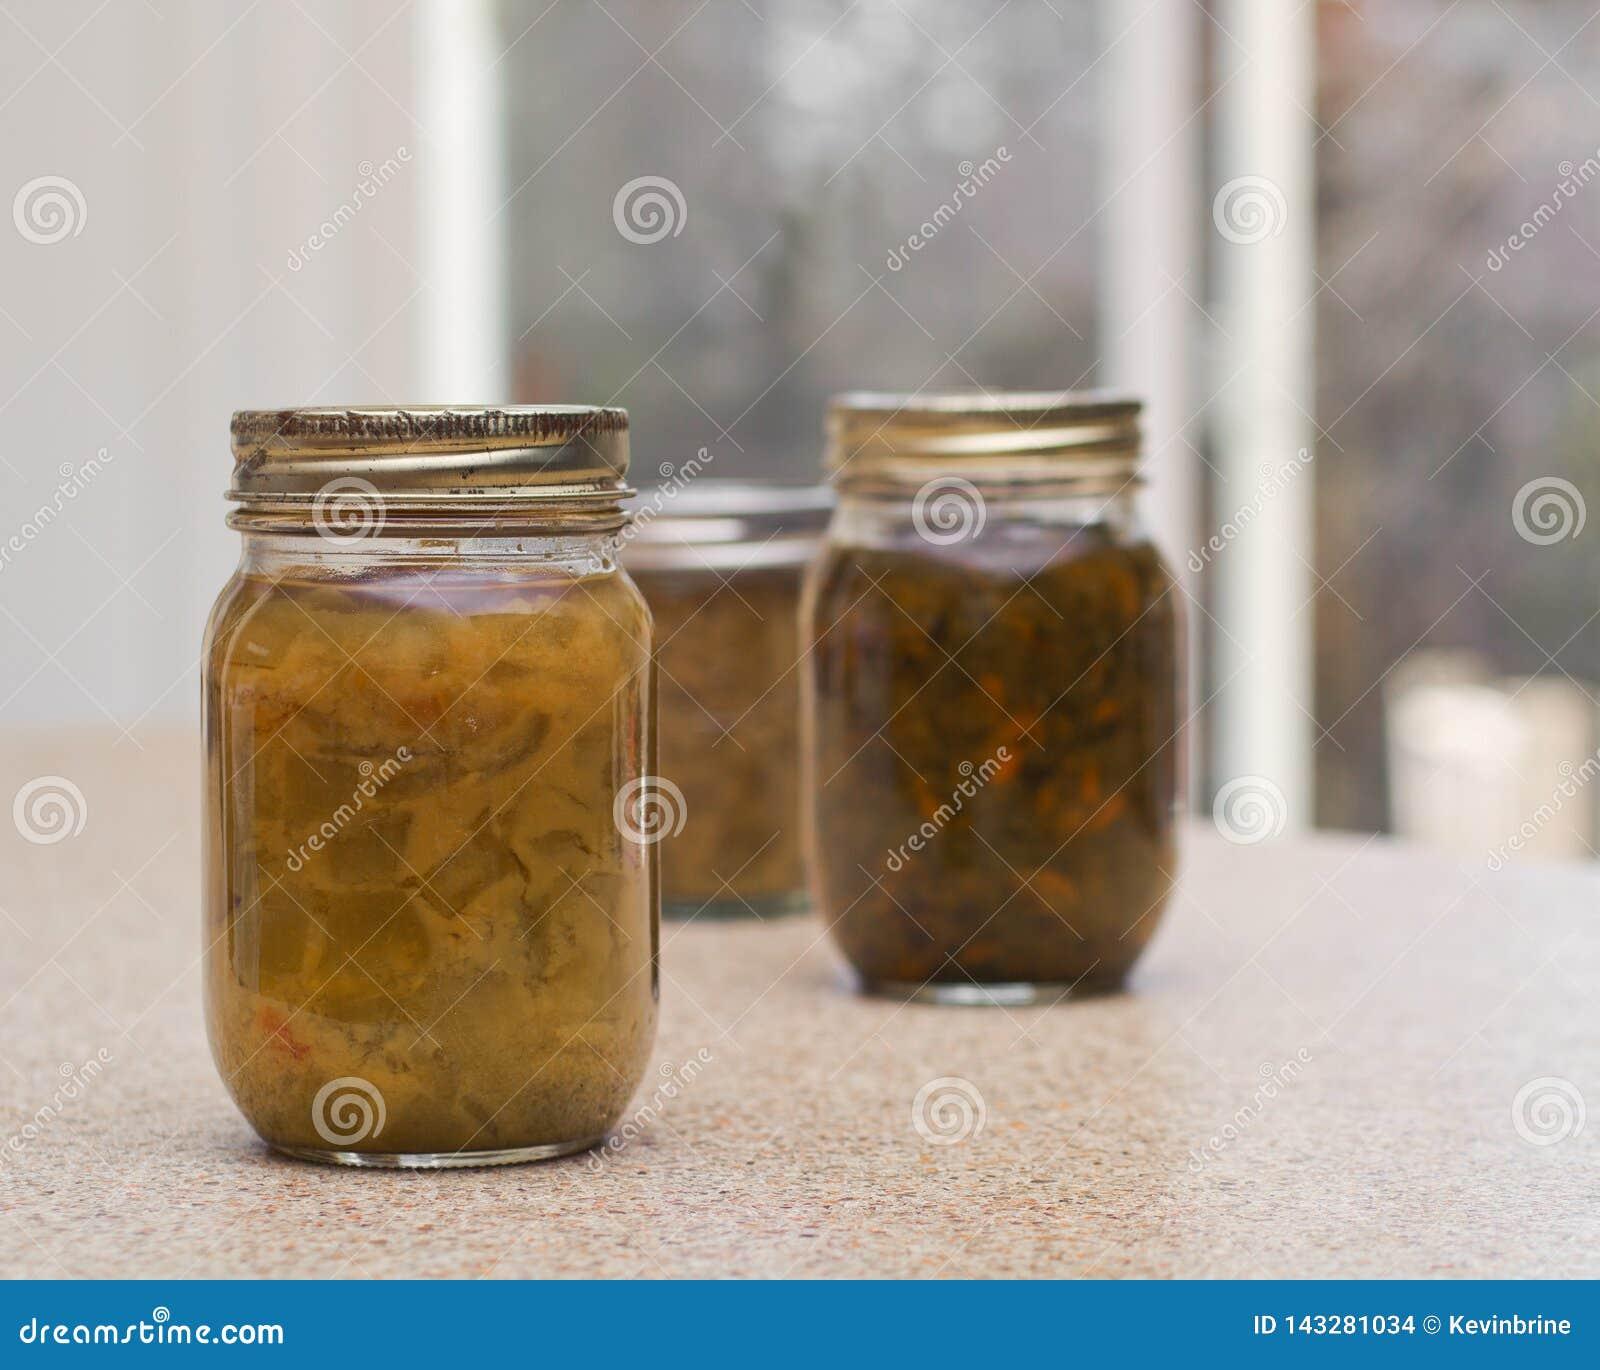 Pickled Relish Bottles